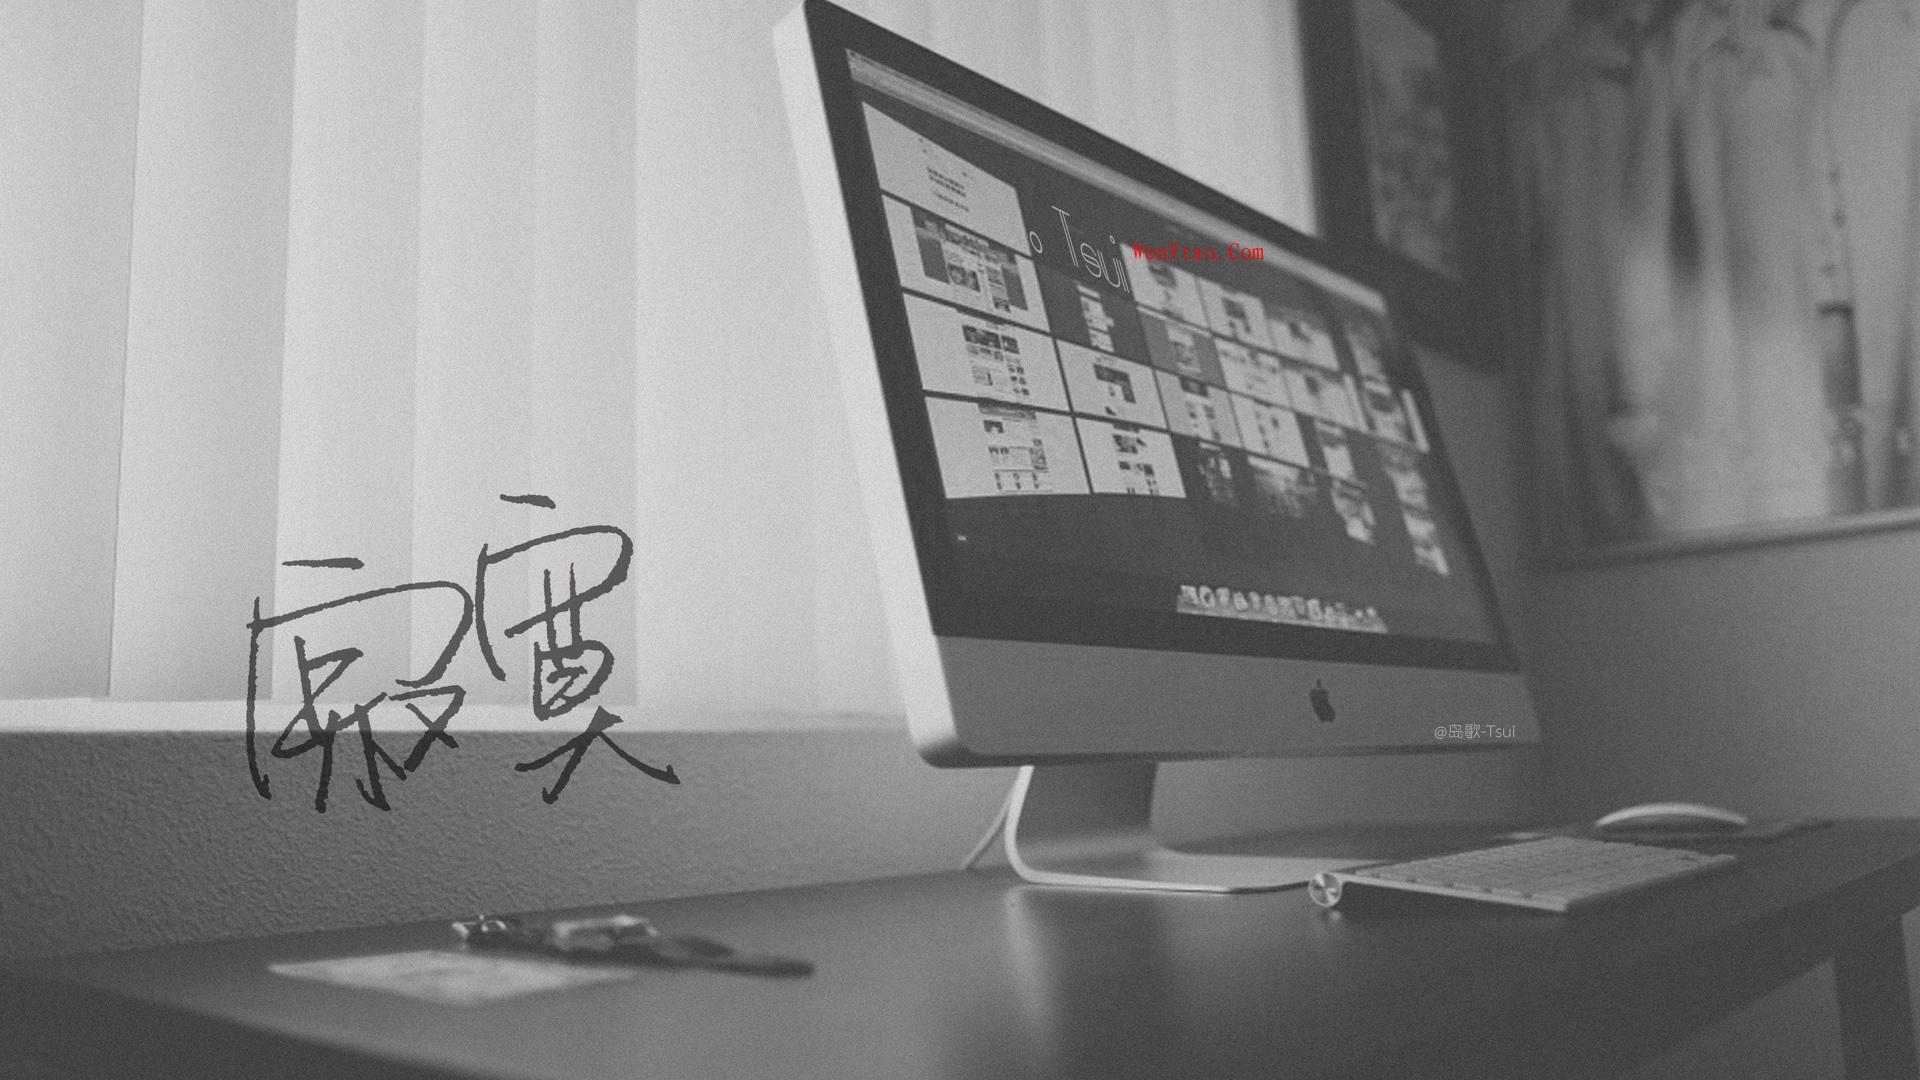 文字语录沈亮为了逃避自我而旅行高清壁纸文字语录励志4k壁纸,文字语录沈亮为了逃避自我而旅行高清壁纸文字语录励志4k壁纸 文字 语录 沈亮 为了逃避自我而旅 文字控 高清壁纸 第5张,文字,语录,沈亮,为了逃避自我而旅,文字控,高清壁纸,第5张